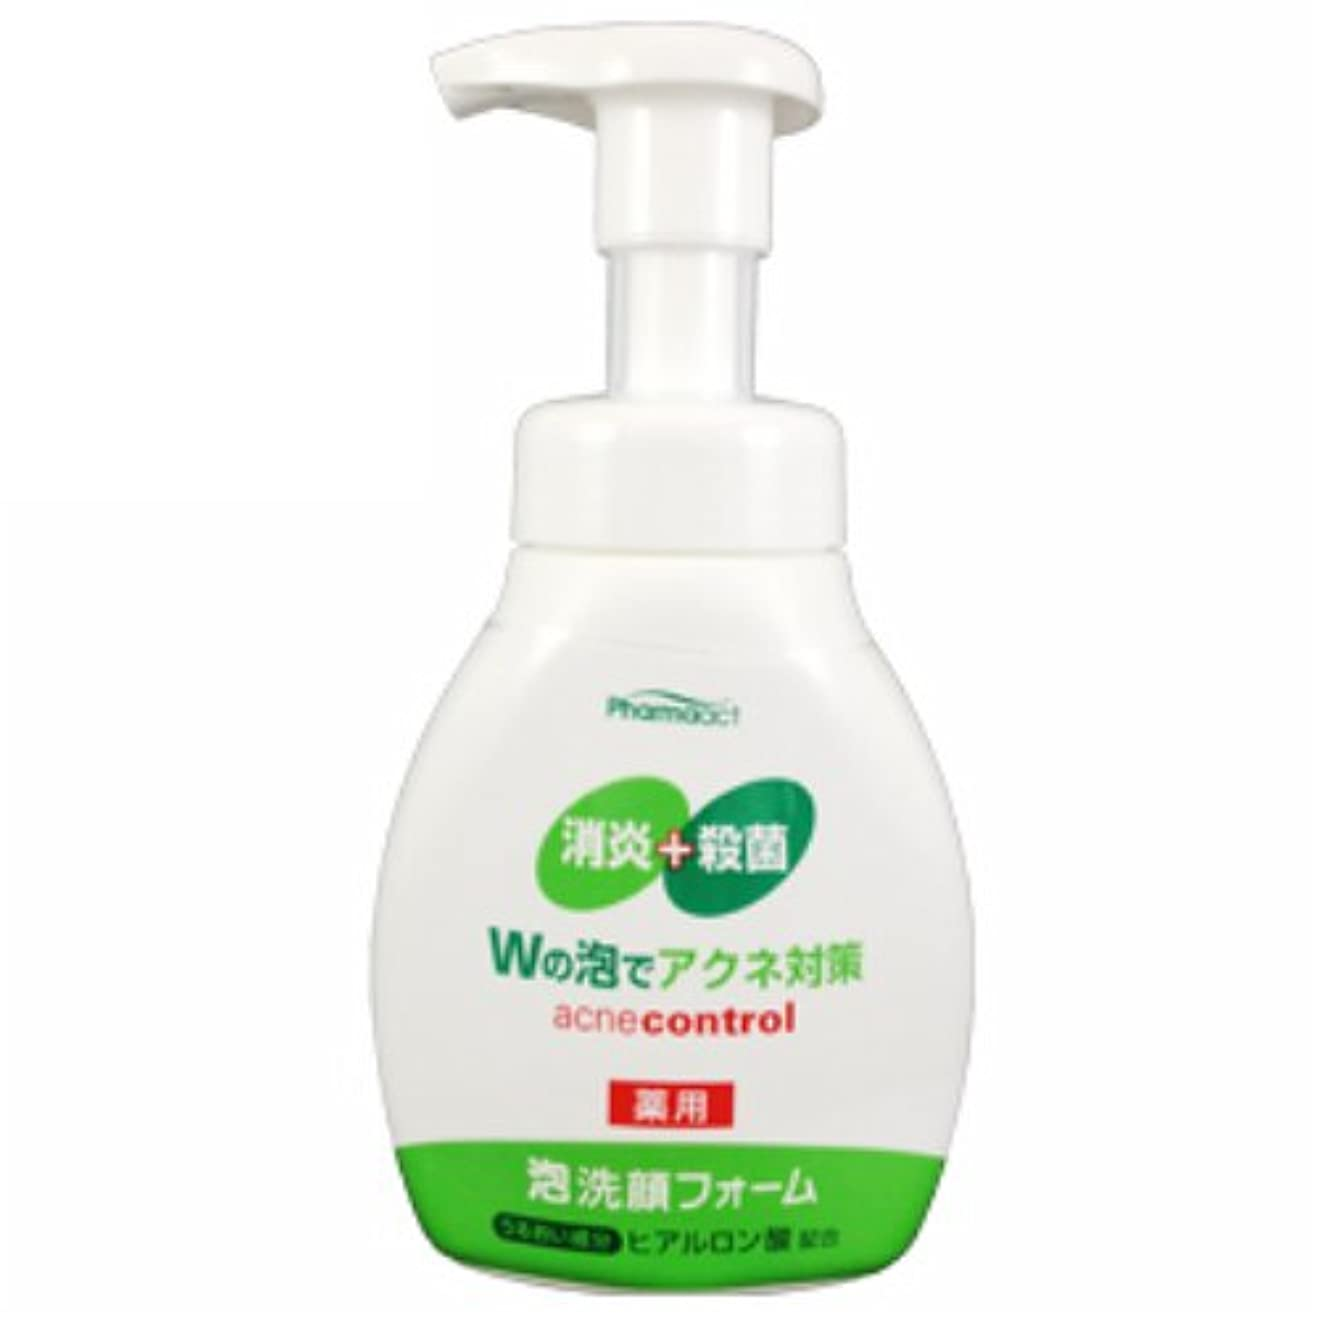 アクセル豊富なアルファベット順ファーマアクト アクネ対策 薬用 泡洗顔フォーム 180ml